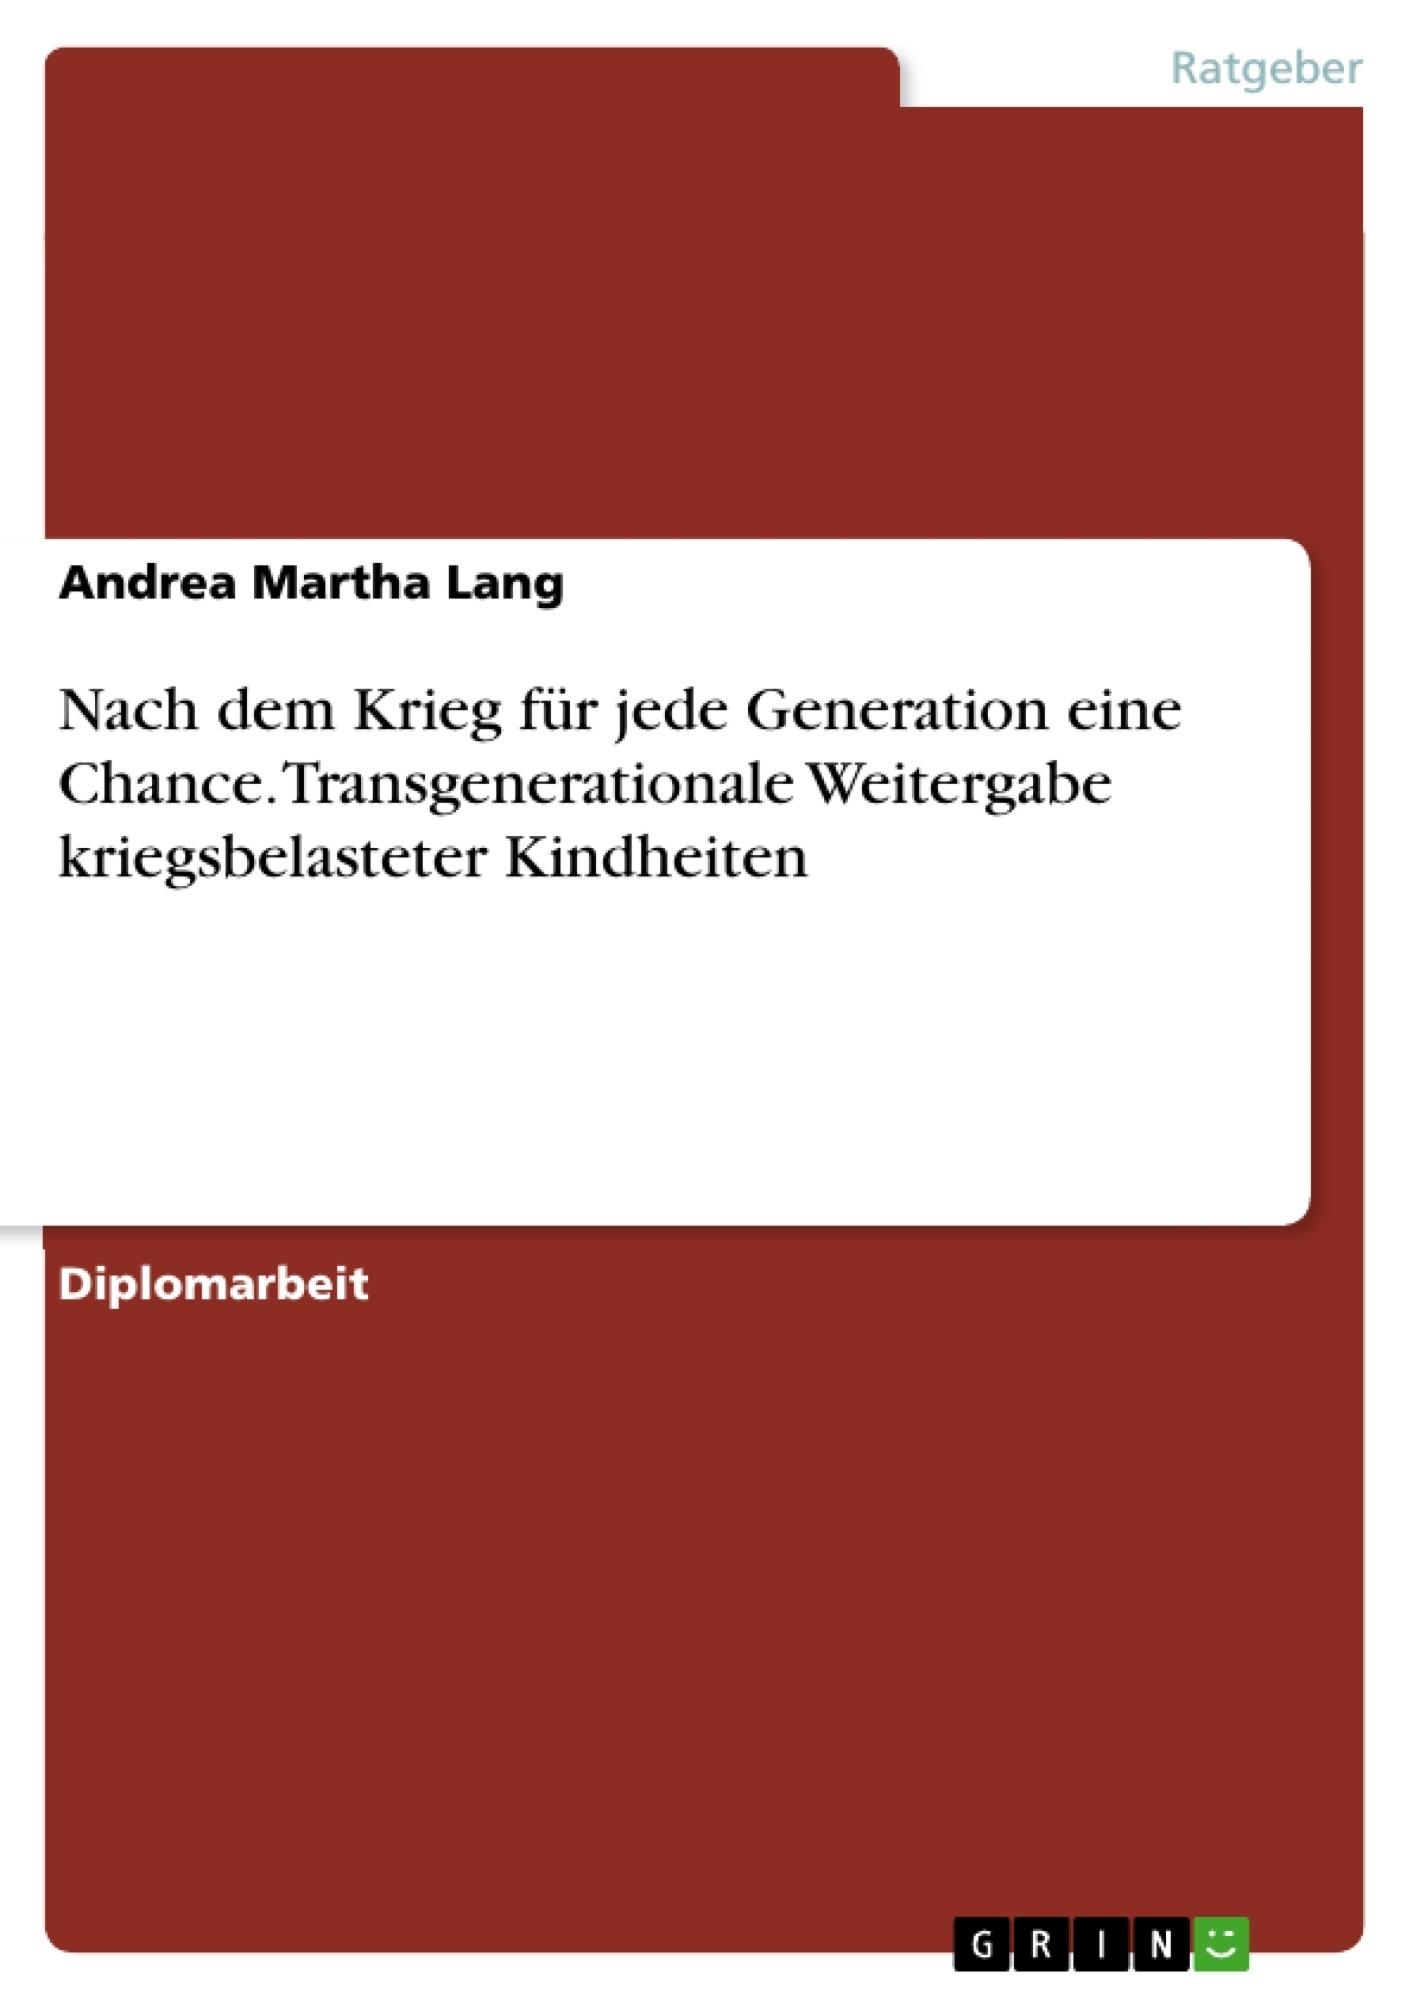 Titel: Nach dem Krieg für jede Generation eine Chance. Transgenerationale Weitergabe kriegsbelasteter Kindheiten